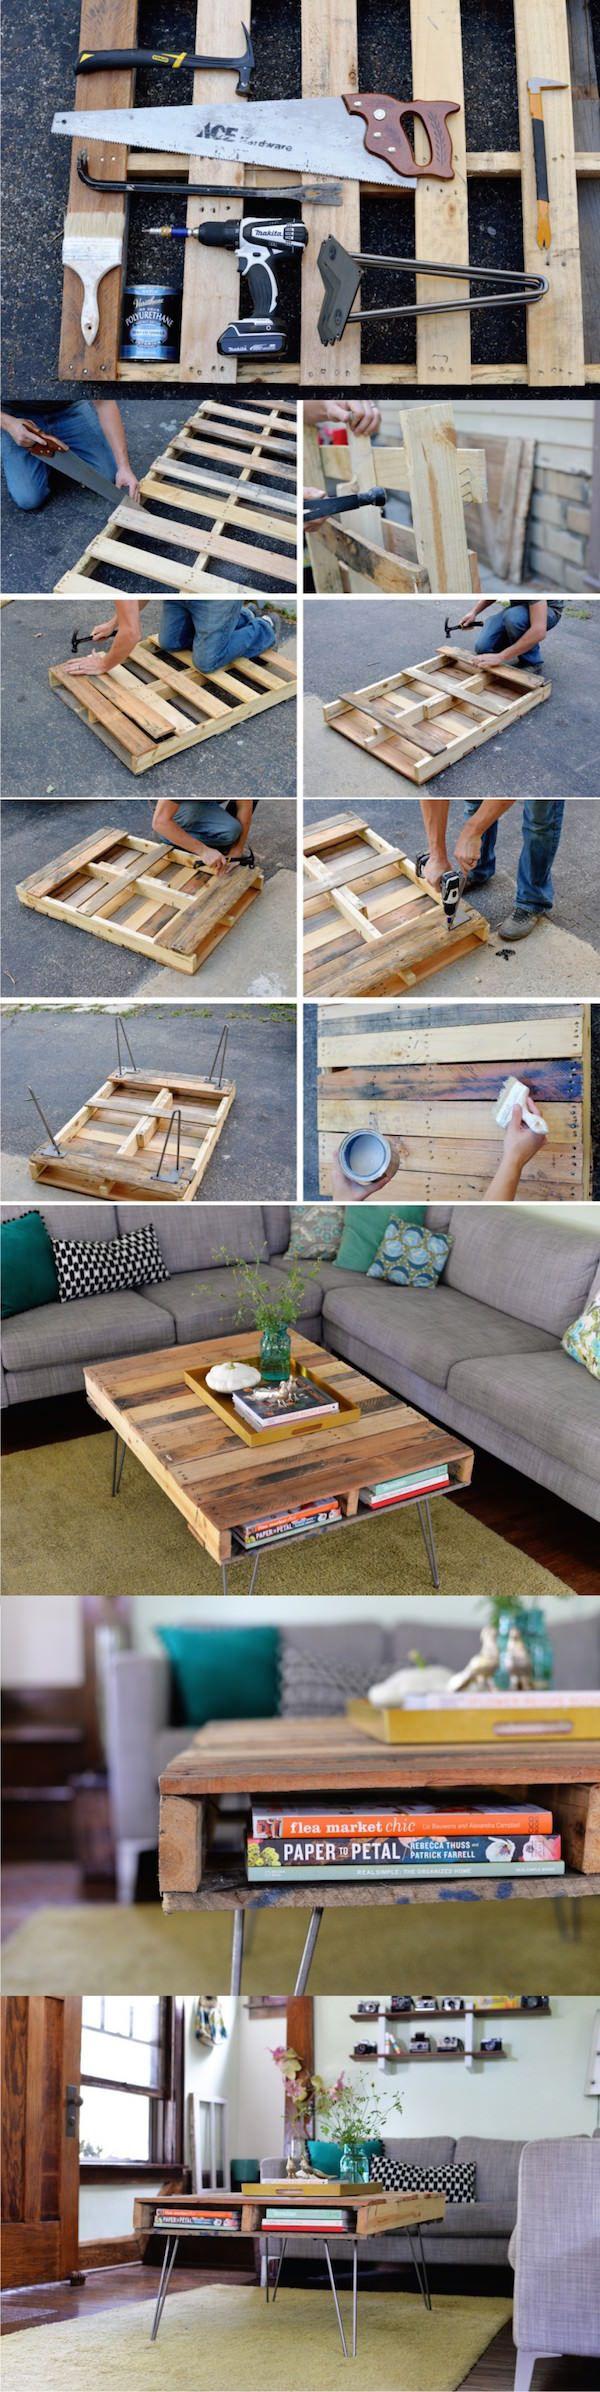 Envie d'une nouvelle table basse pour votre salon. Ce DIY est parfait pour vous si vous aimez le style rétro/vintage ! > et là vous pouvez regarder ce qu'on peut faire d'autre avec ce genre de palette en bois :   - http://pin.it/7VGlTBA  Le sommier de lit   - http://pin.it/Oyd0geB  L'îlot centrale pour cuisine - http://pin.it/gnoeFK_ Et une autre table basse mais cette fois ci à roulette .